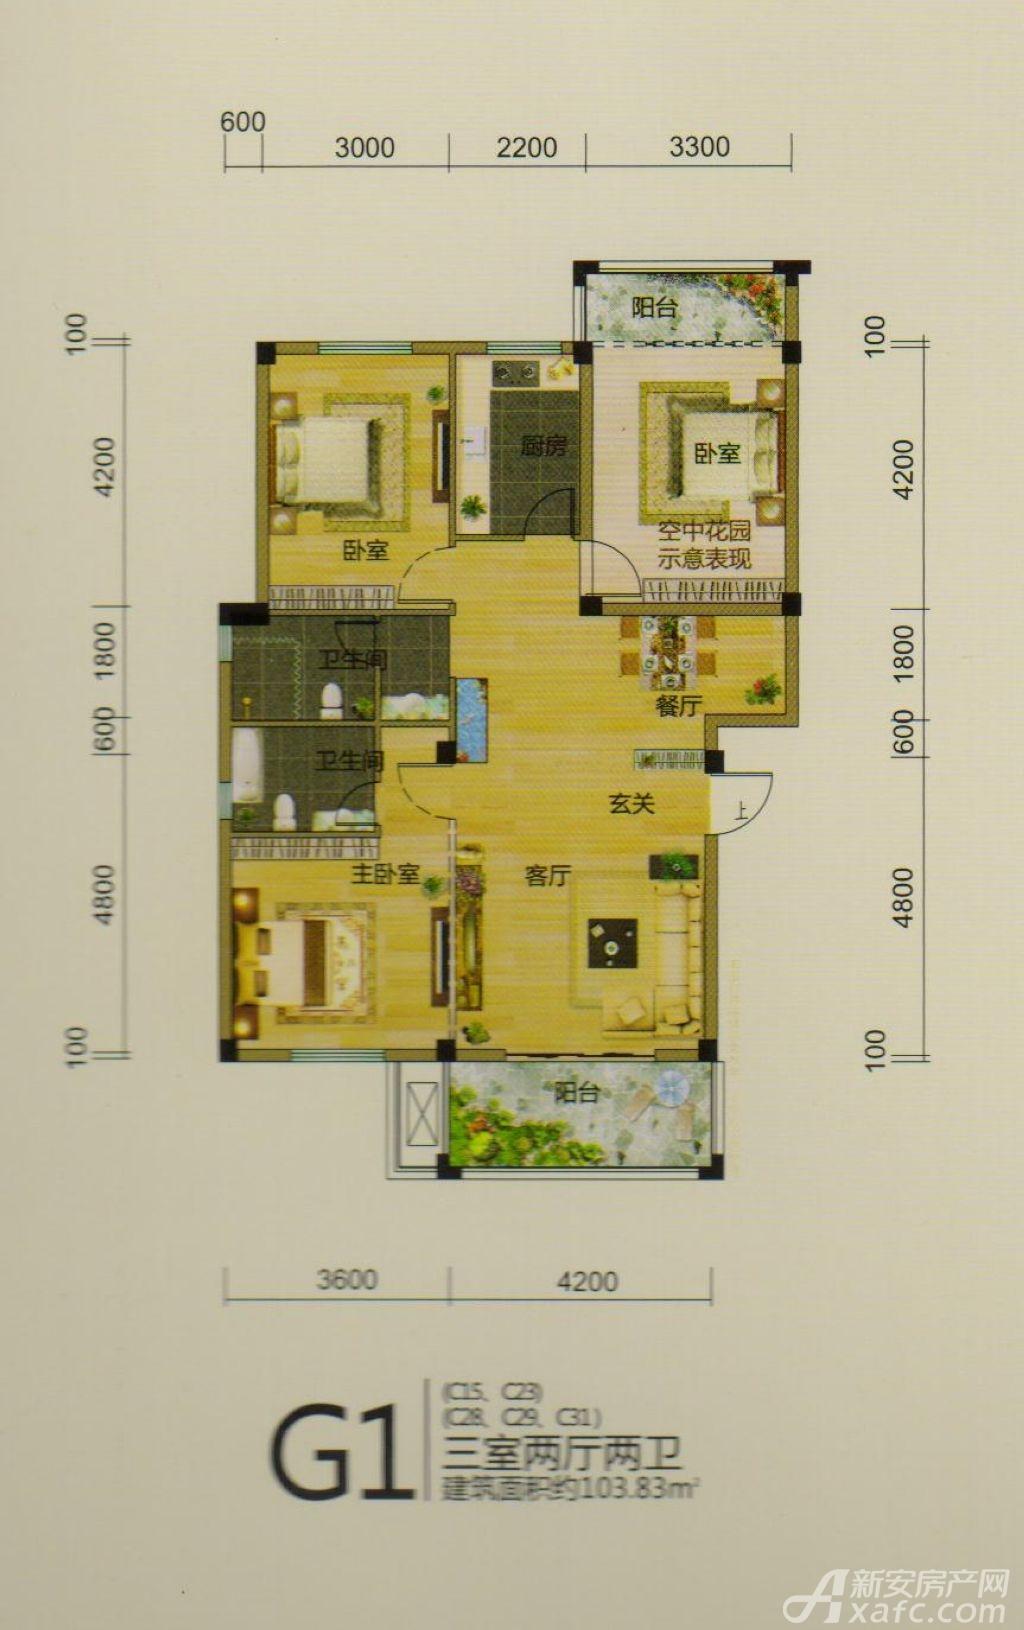 龙登和城G1户型3室2厅103.83平米